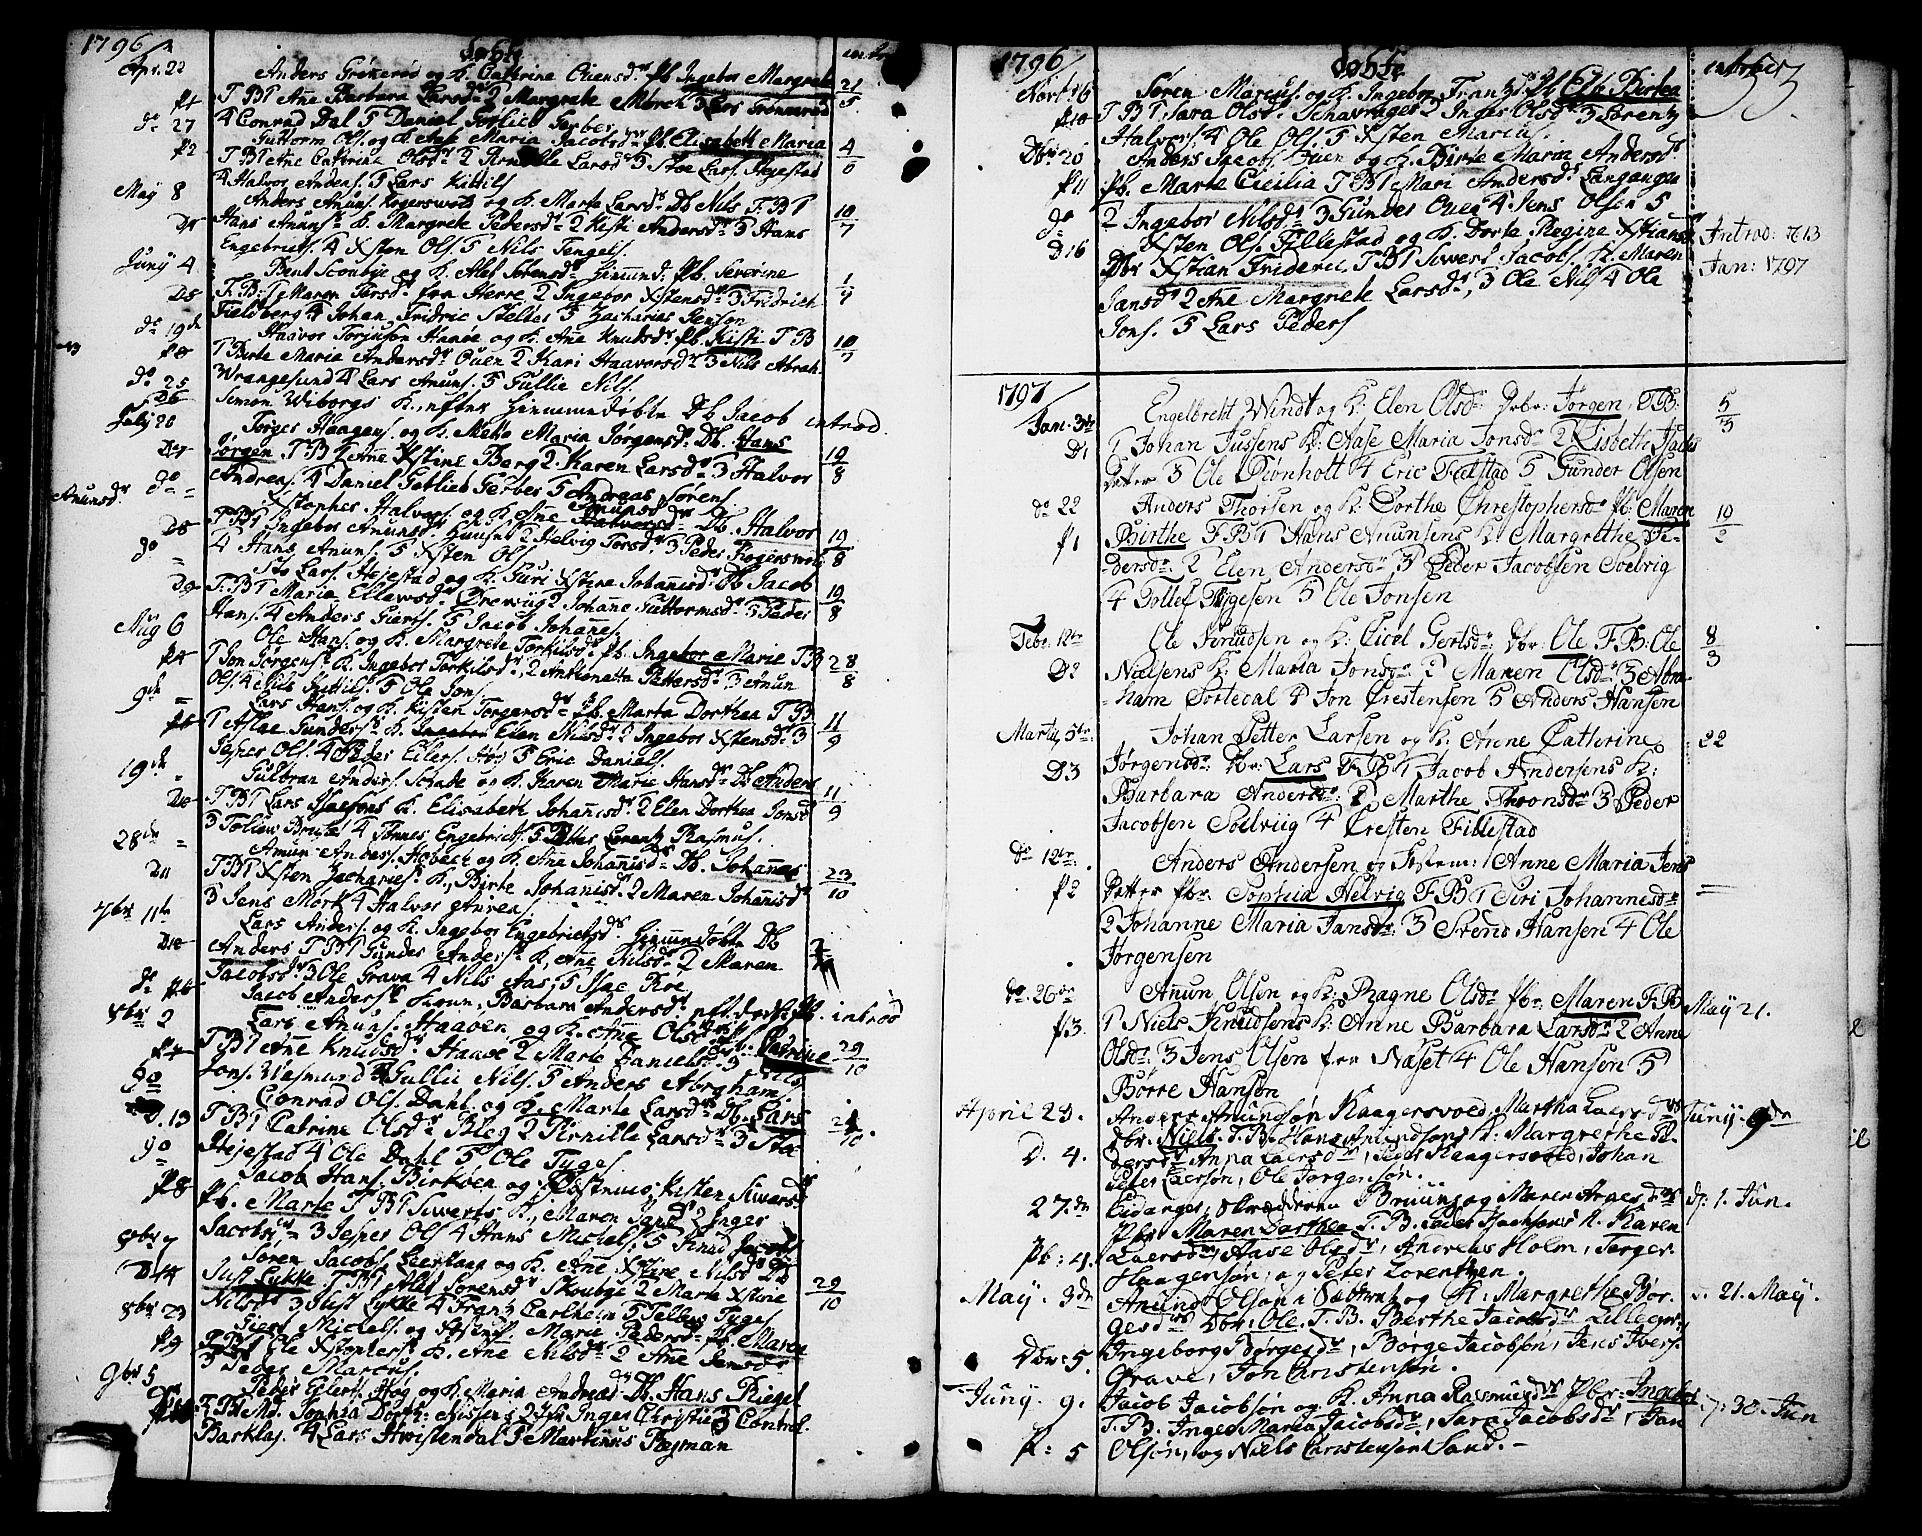 SAKO, Brevik kirkebøker, F/Fa/L0003: Ministerialbok nr. 3, 1764-1814, s. 33